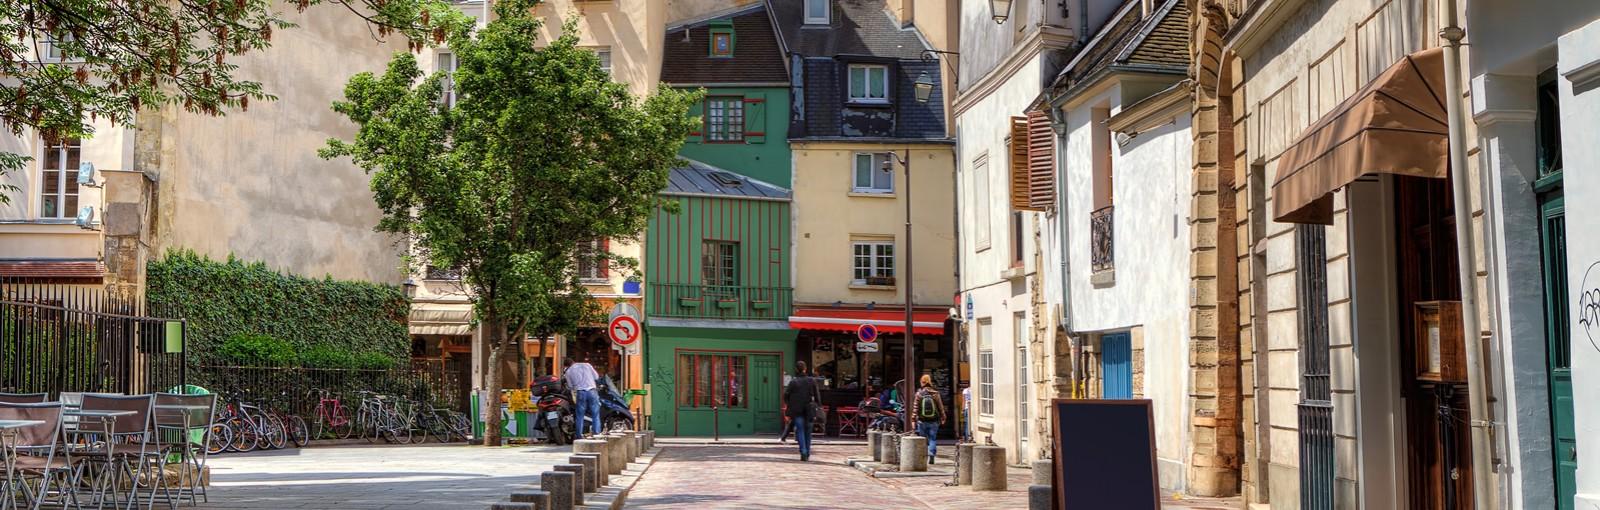 Tours Un Après-midi dans le Marais - le nouveau musée Carnavalet - Demi-journées - Nos Visites et Excursions